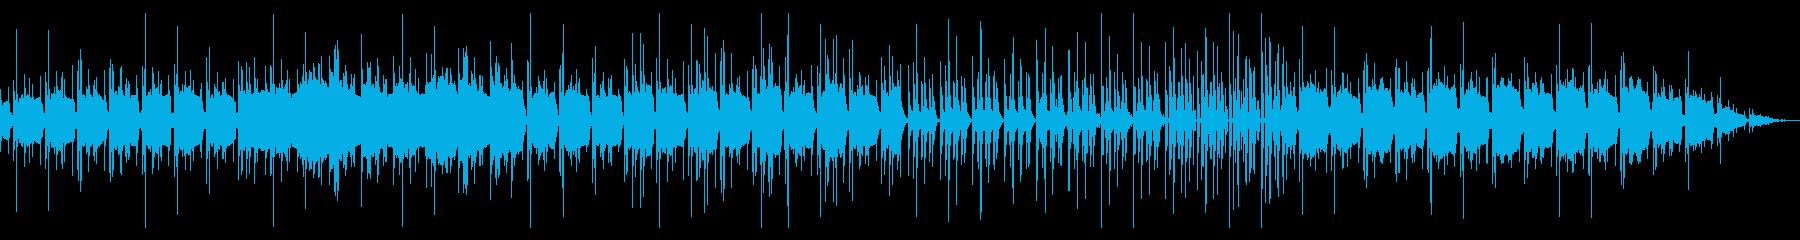 ゆったりとしたレゲエ調の曲の再生済みの波形